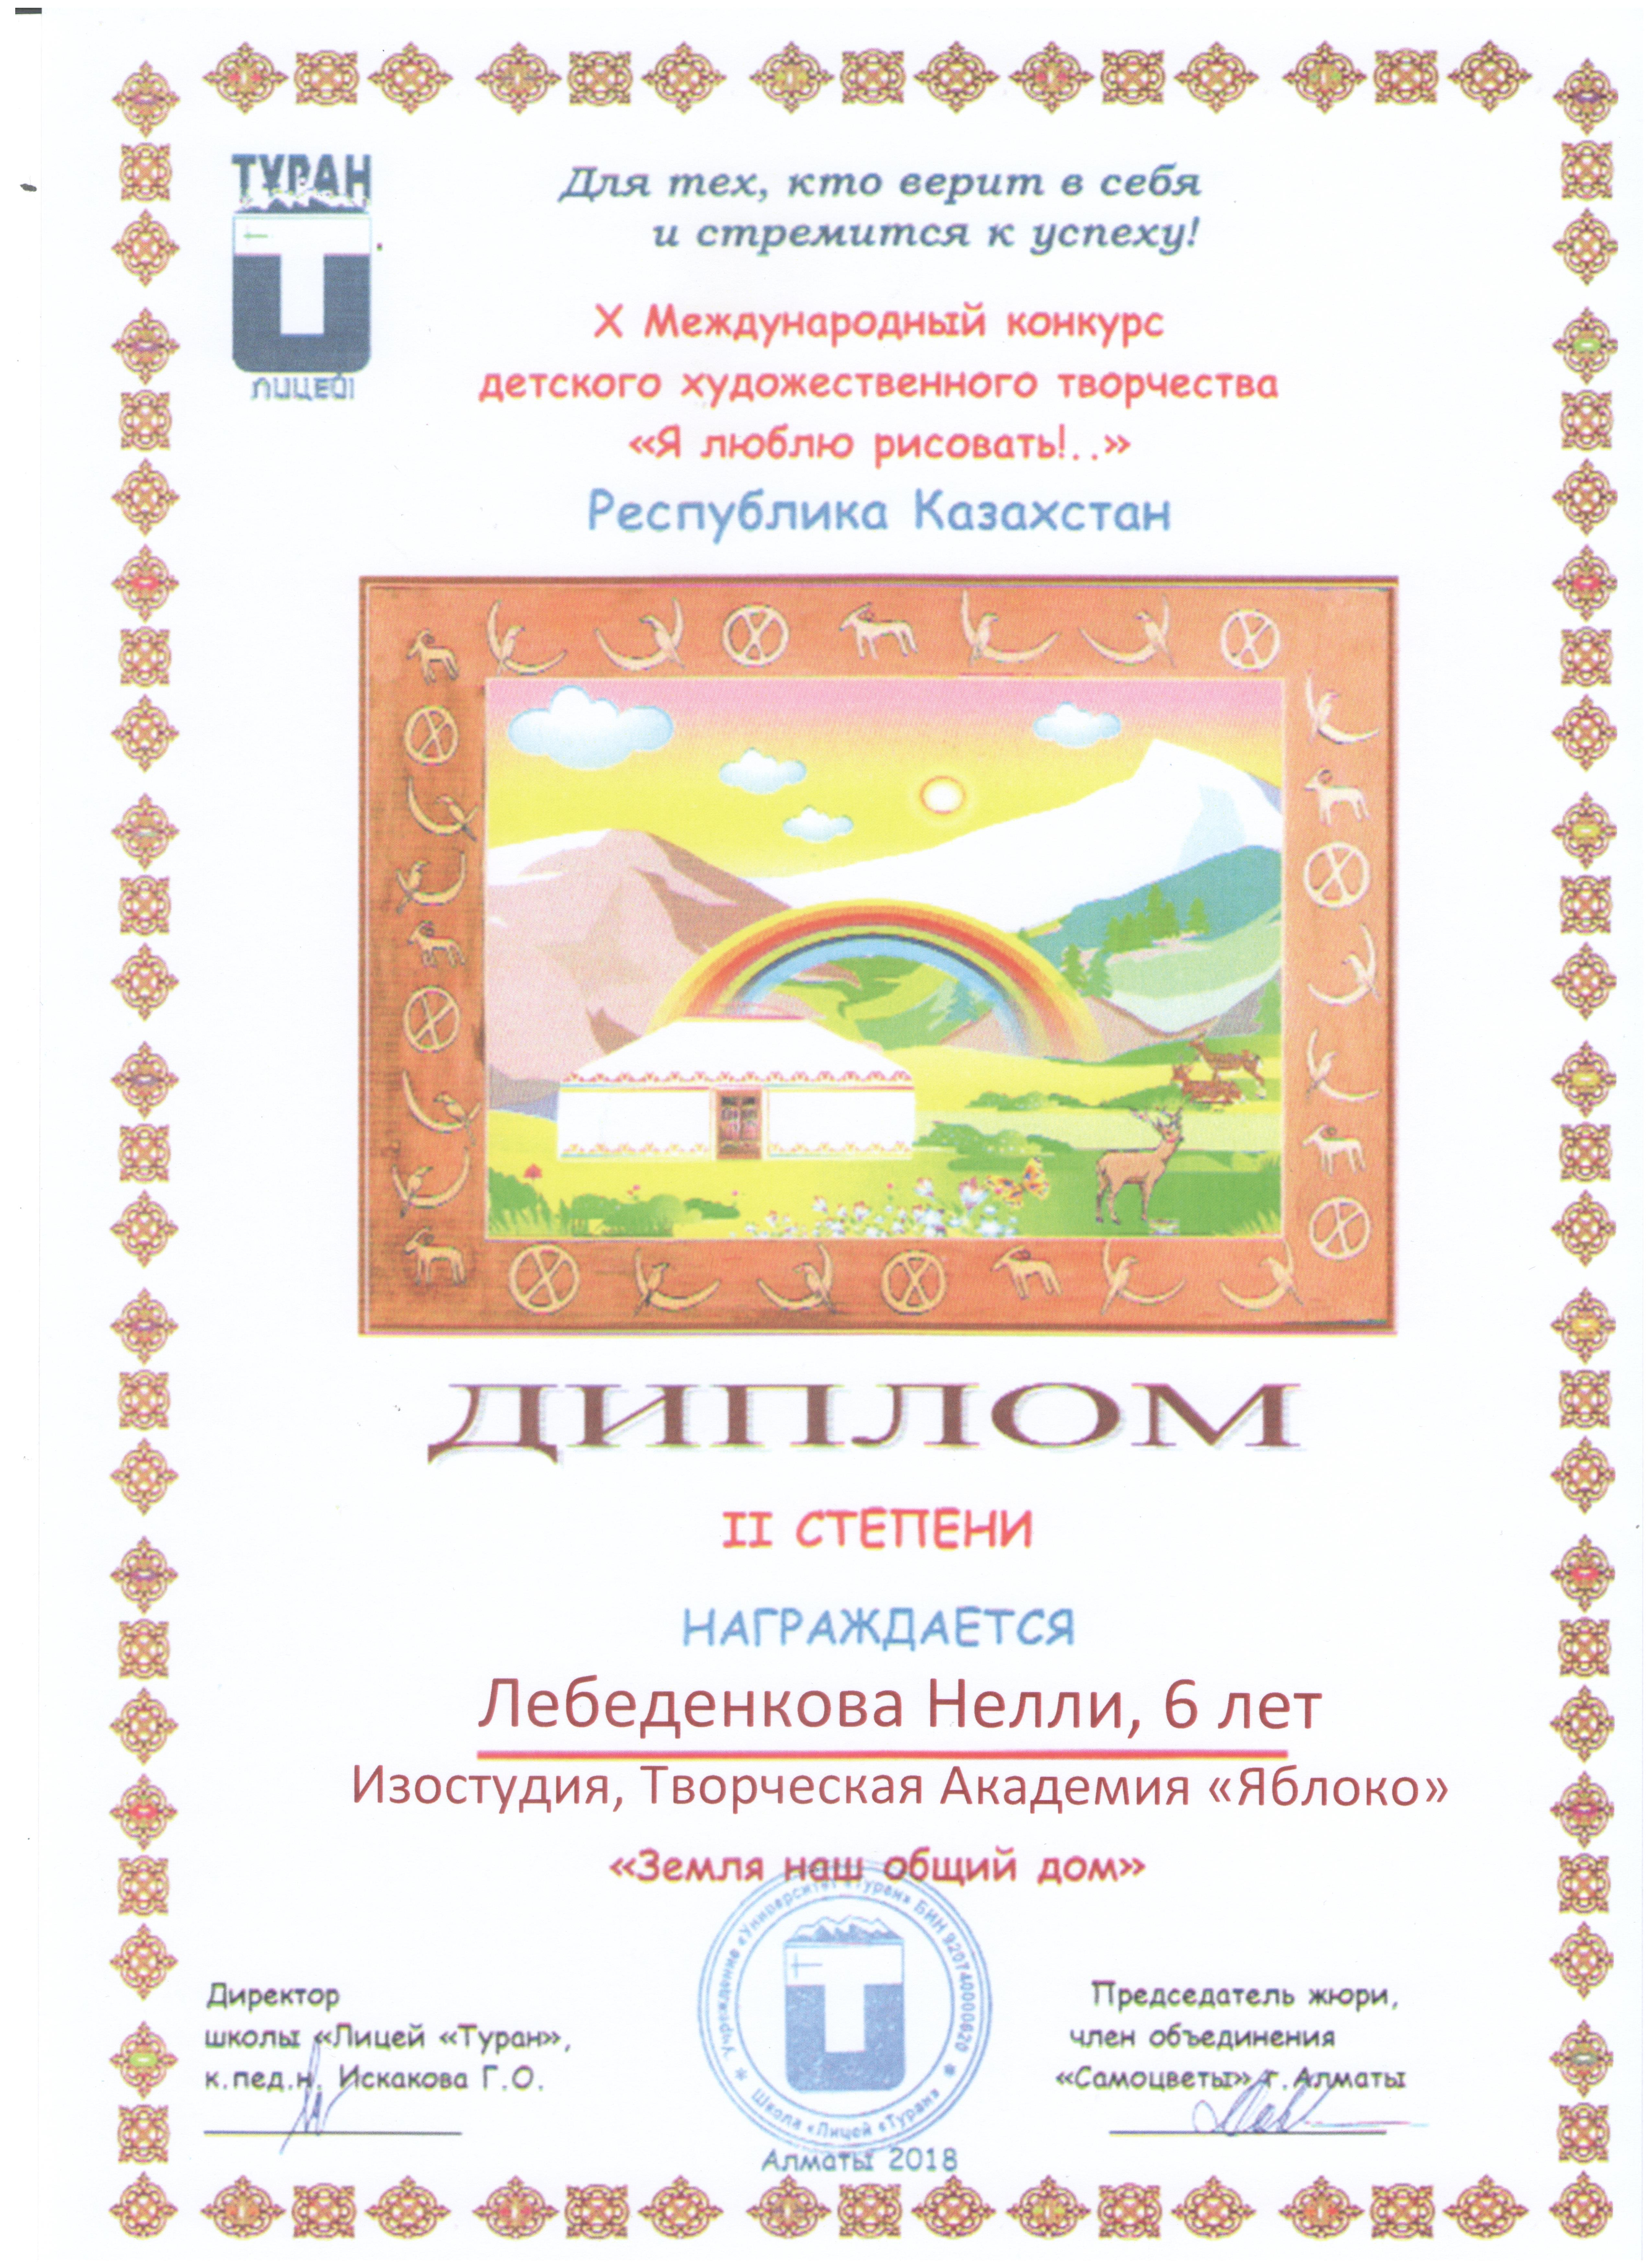 Лебеденкова Нелли, 6 лет